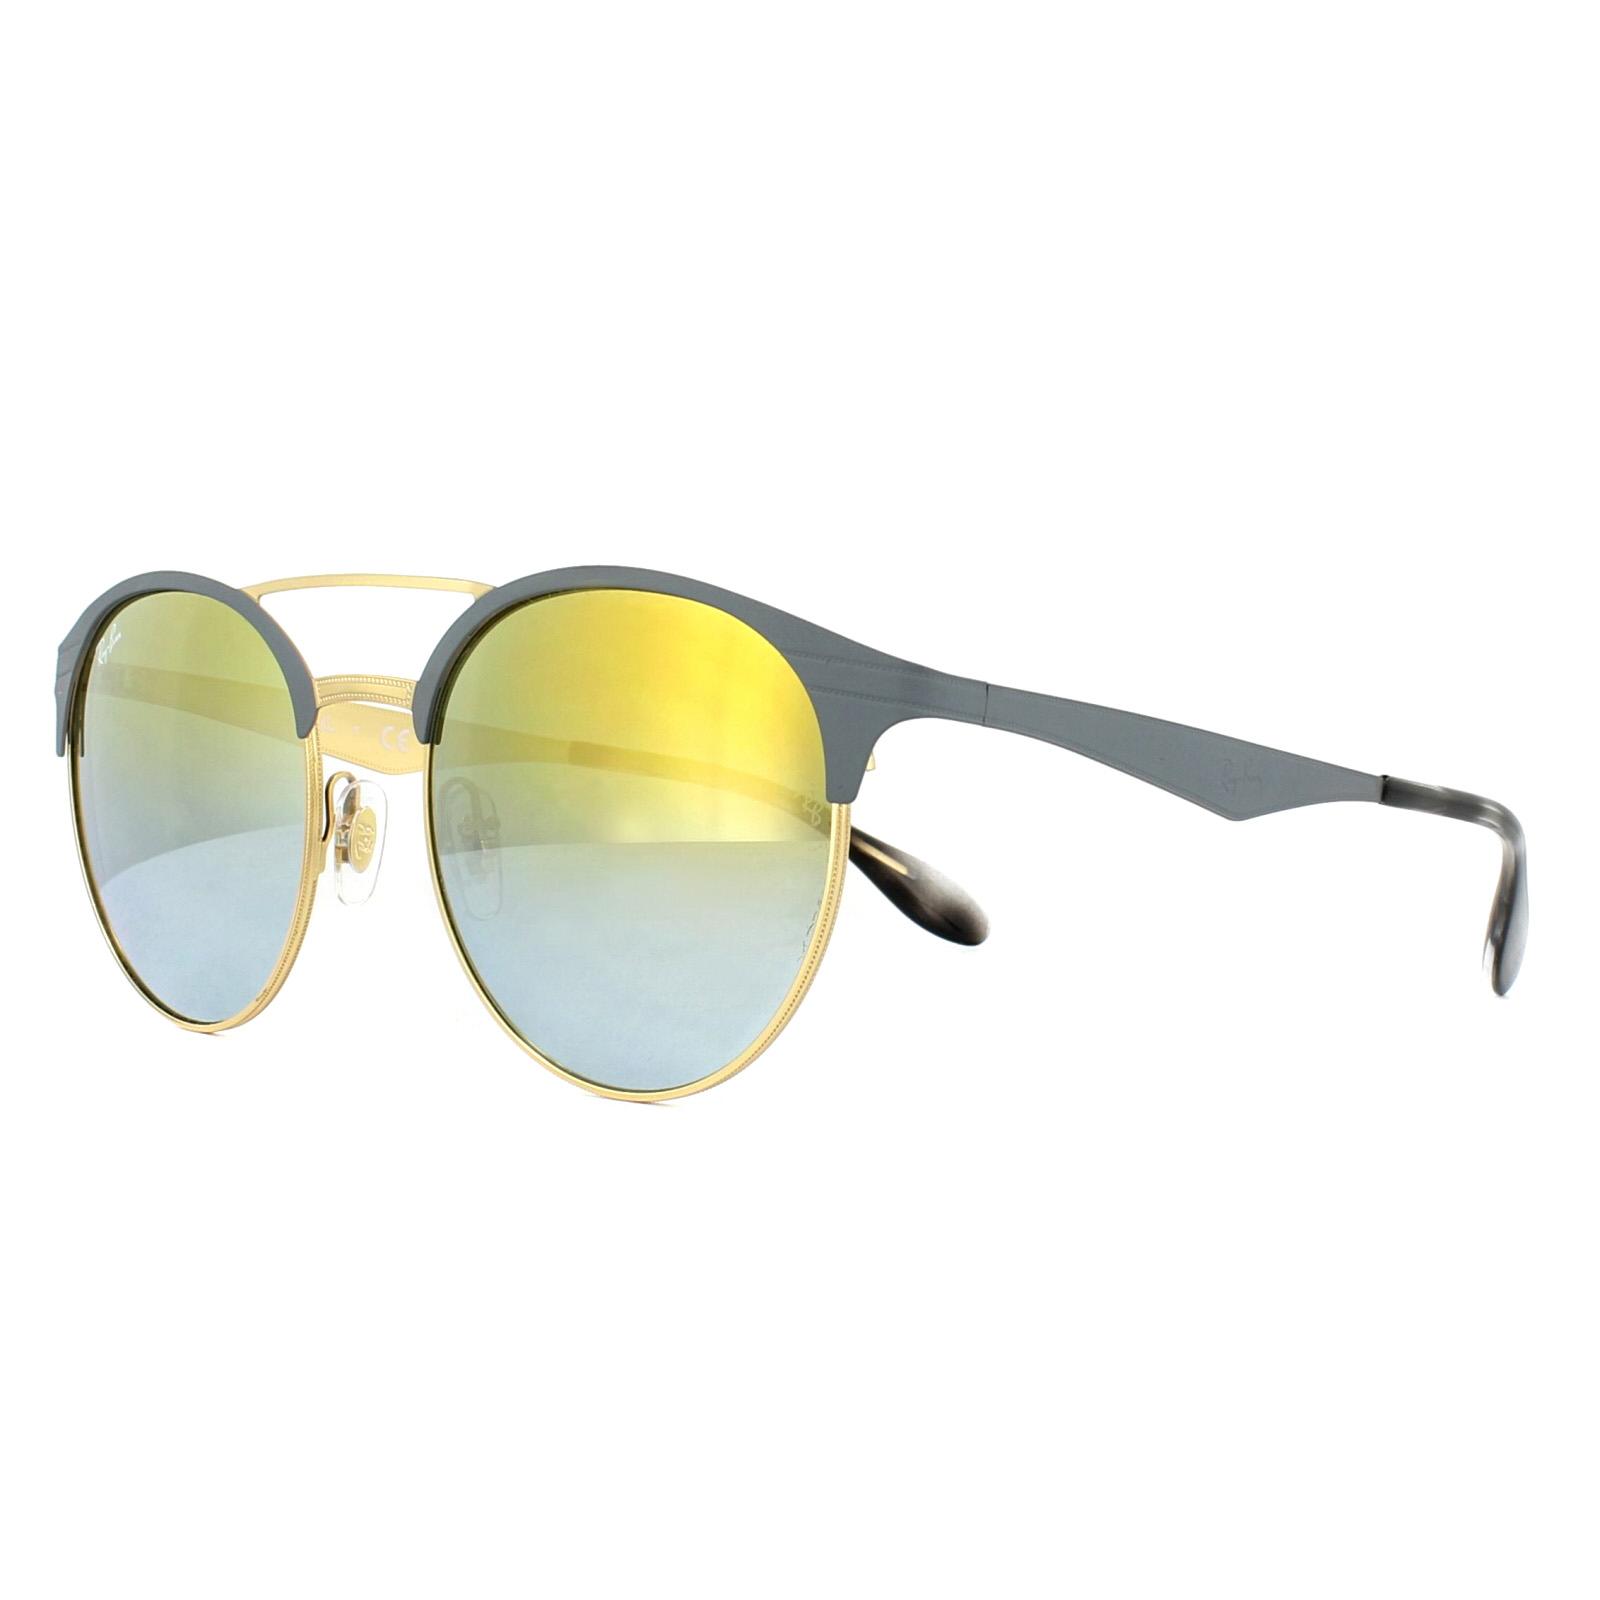 Óculos de Sol Ray-Ban Cinza/Dourado RB3545 - 9007A7/54 Espelhado